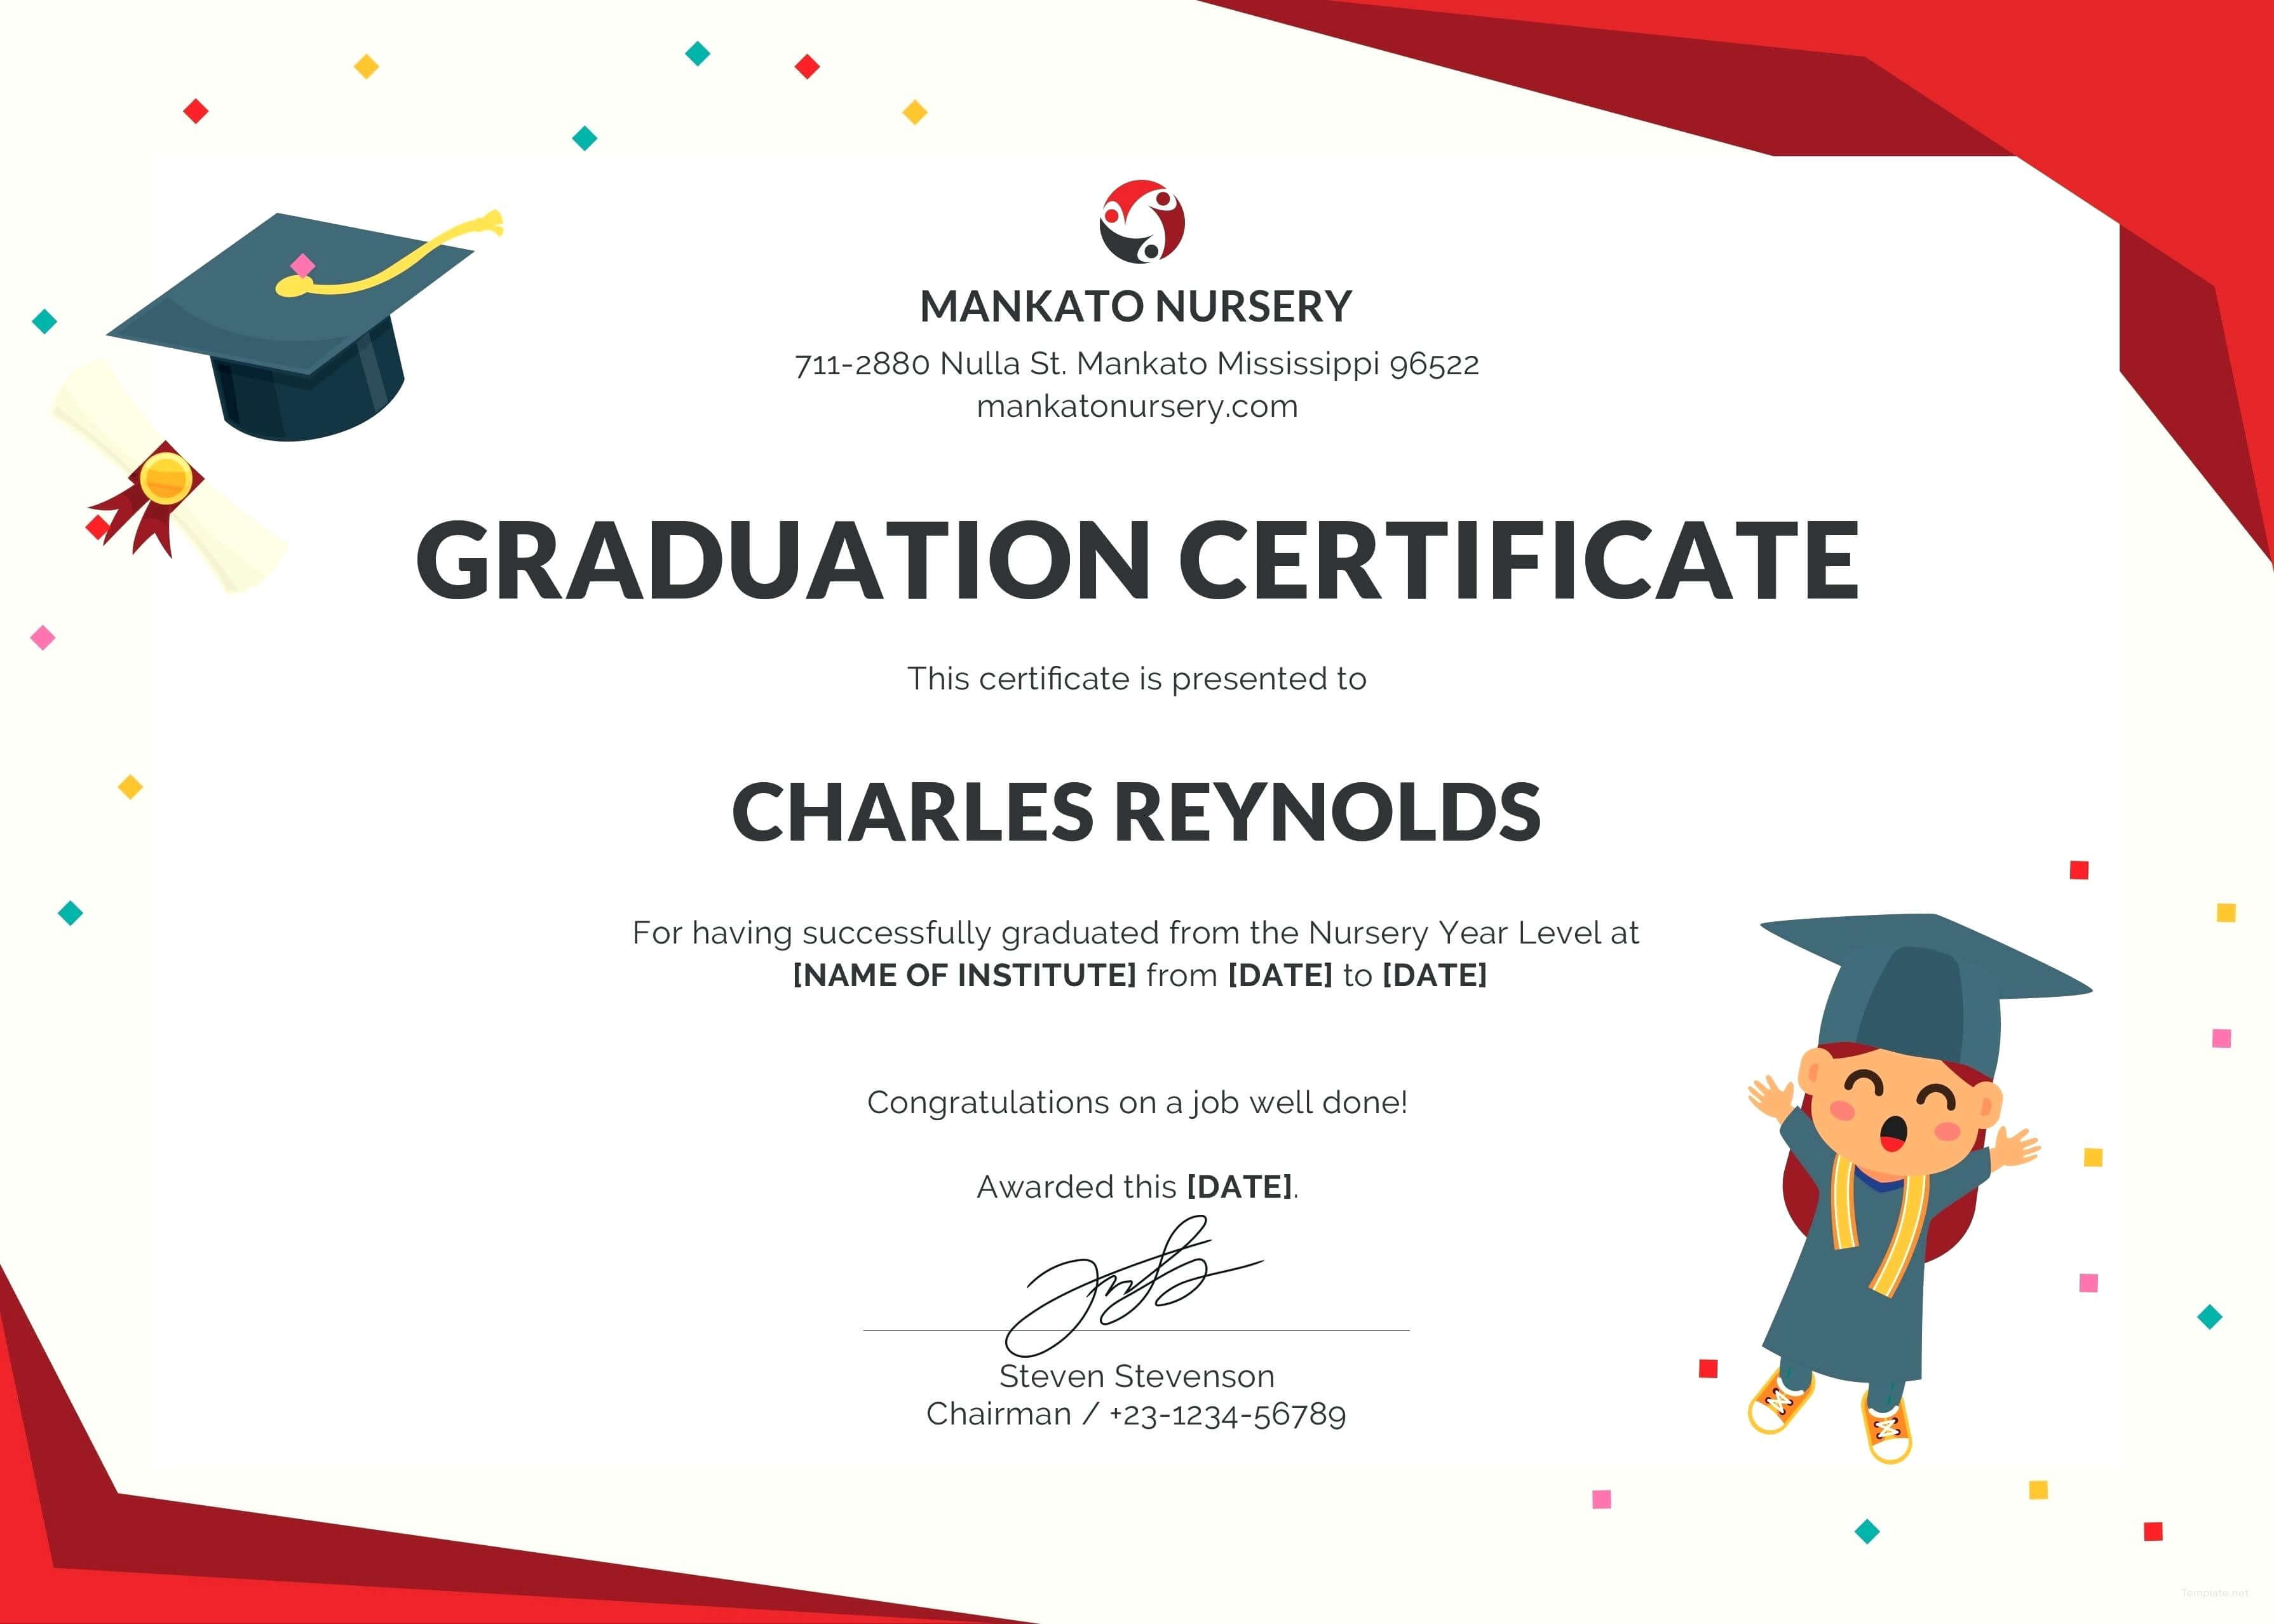 Graduation Certificate Template Word – Wovensheet.co throughout Graduation Certificate Template Word